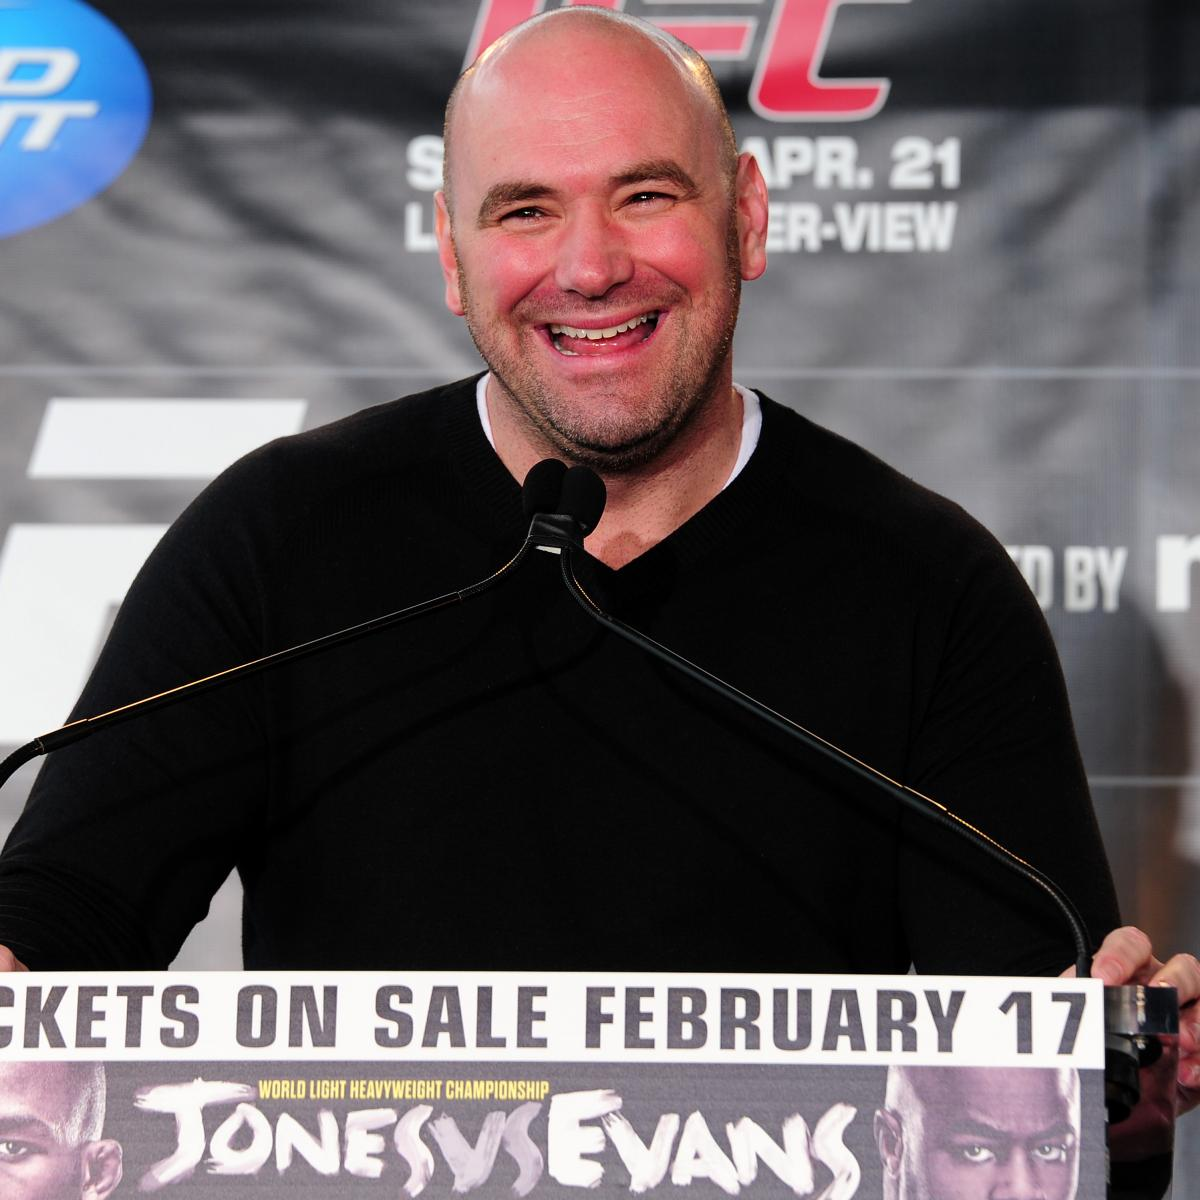 UFC Files $32 Million Lawsuit Against New York Internet